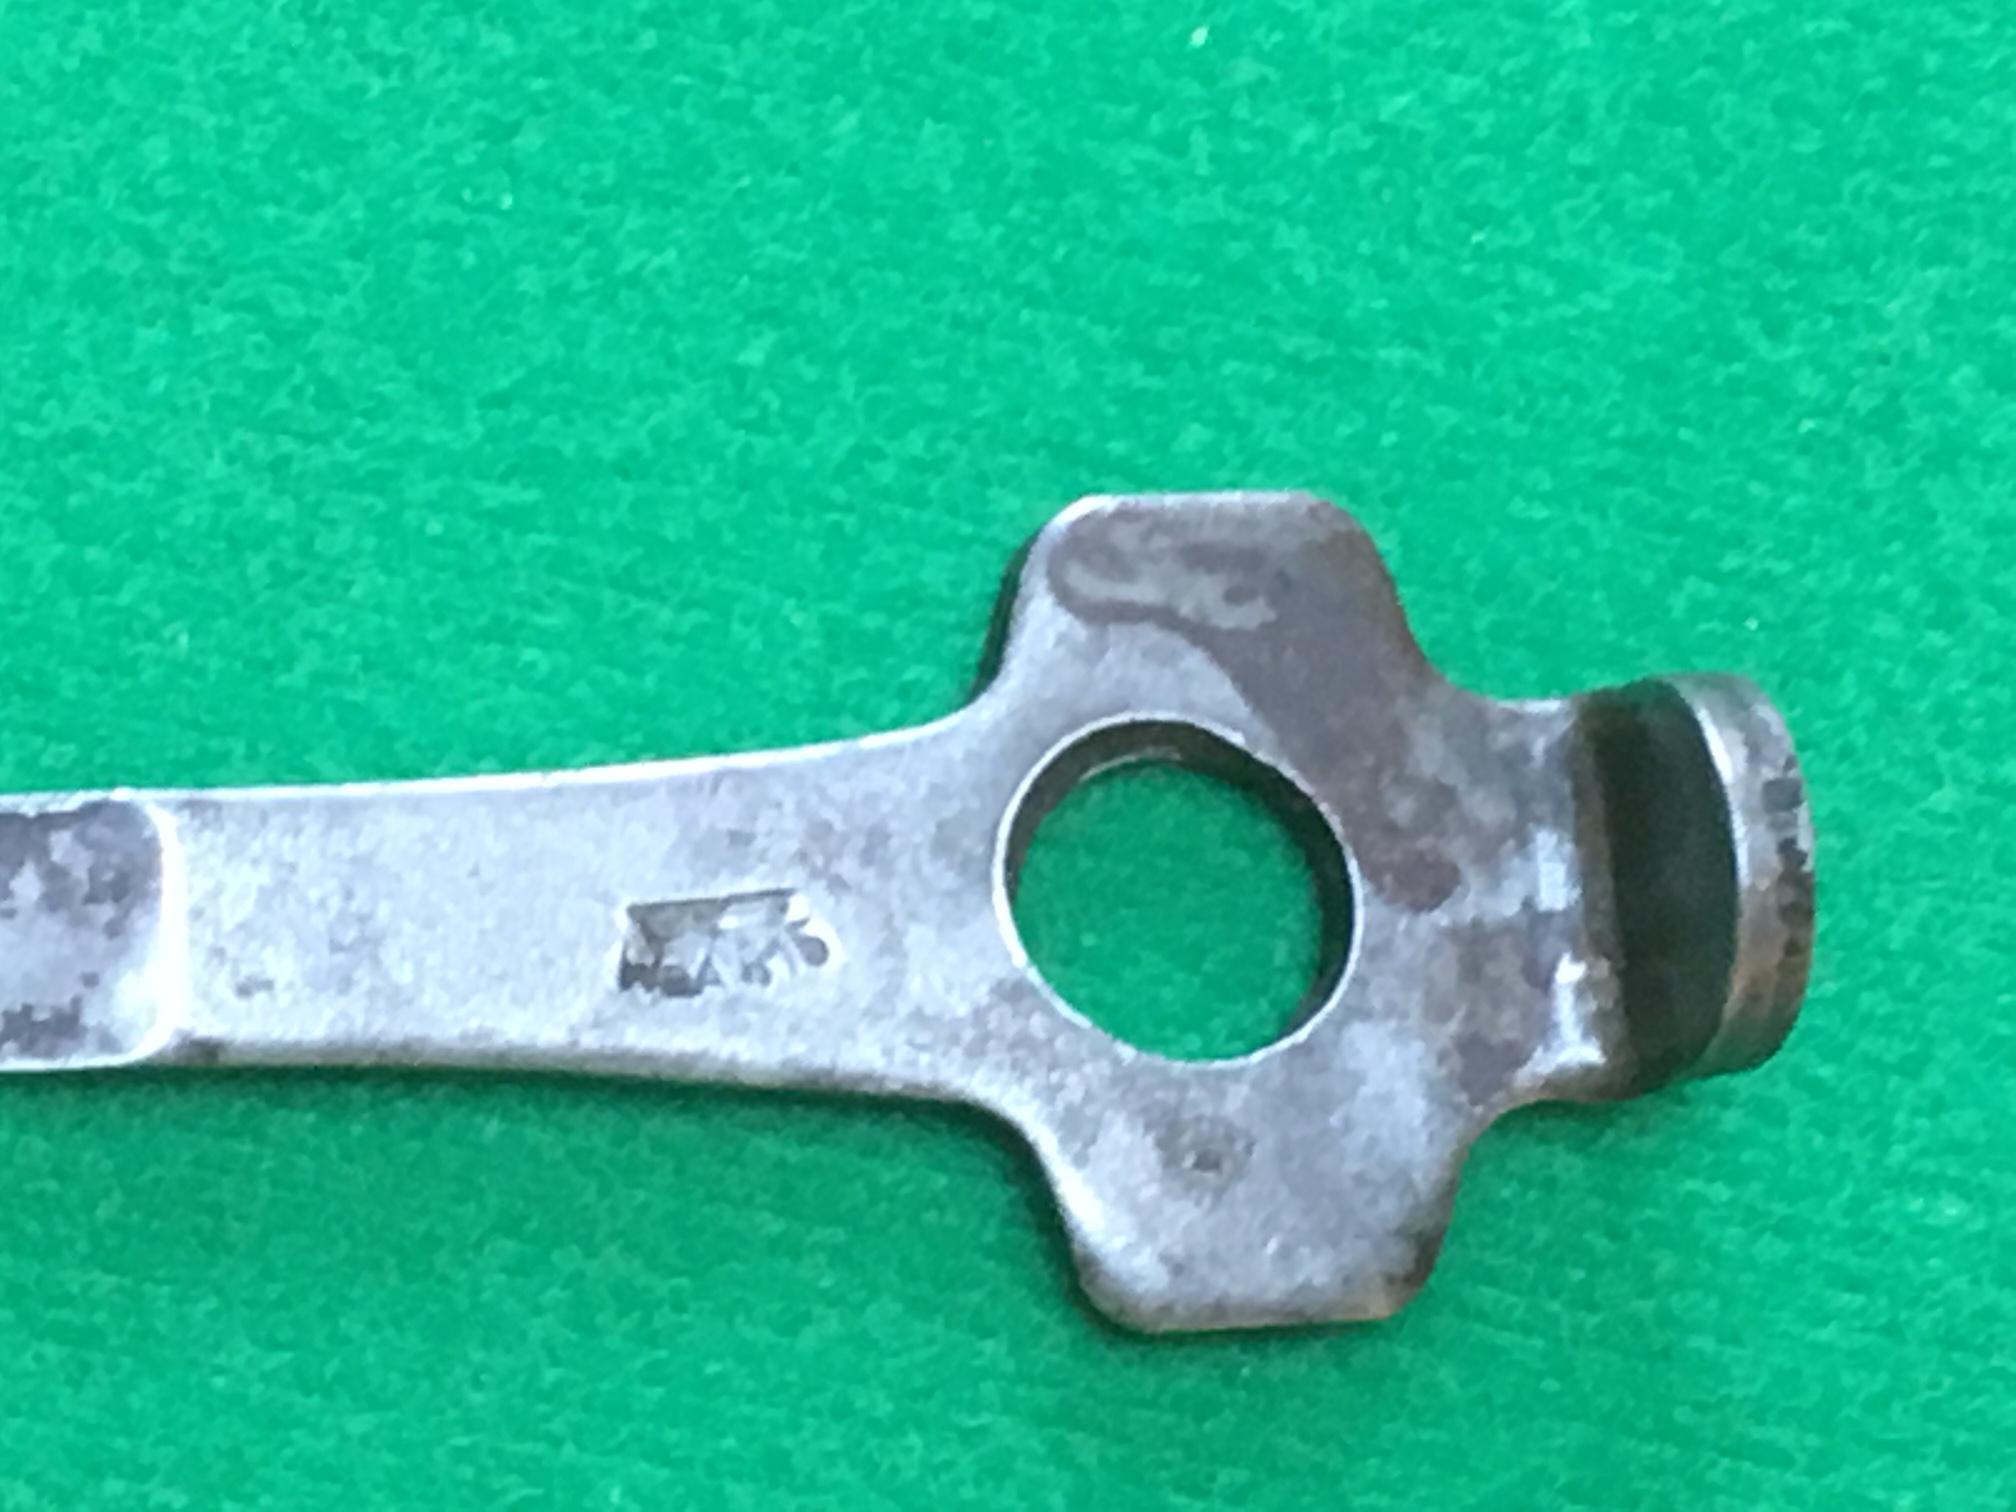 Les petits outils pour les P 08 de l'armée allemande de 1934 à 1942. - Page 2 180314121119888285